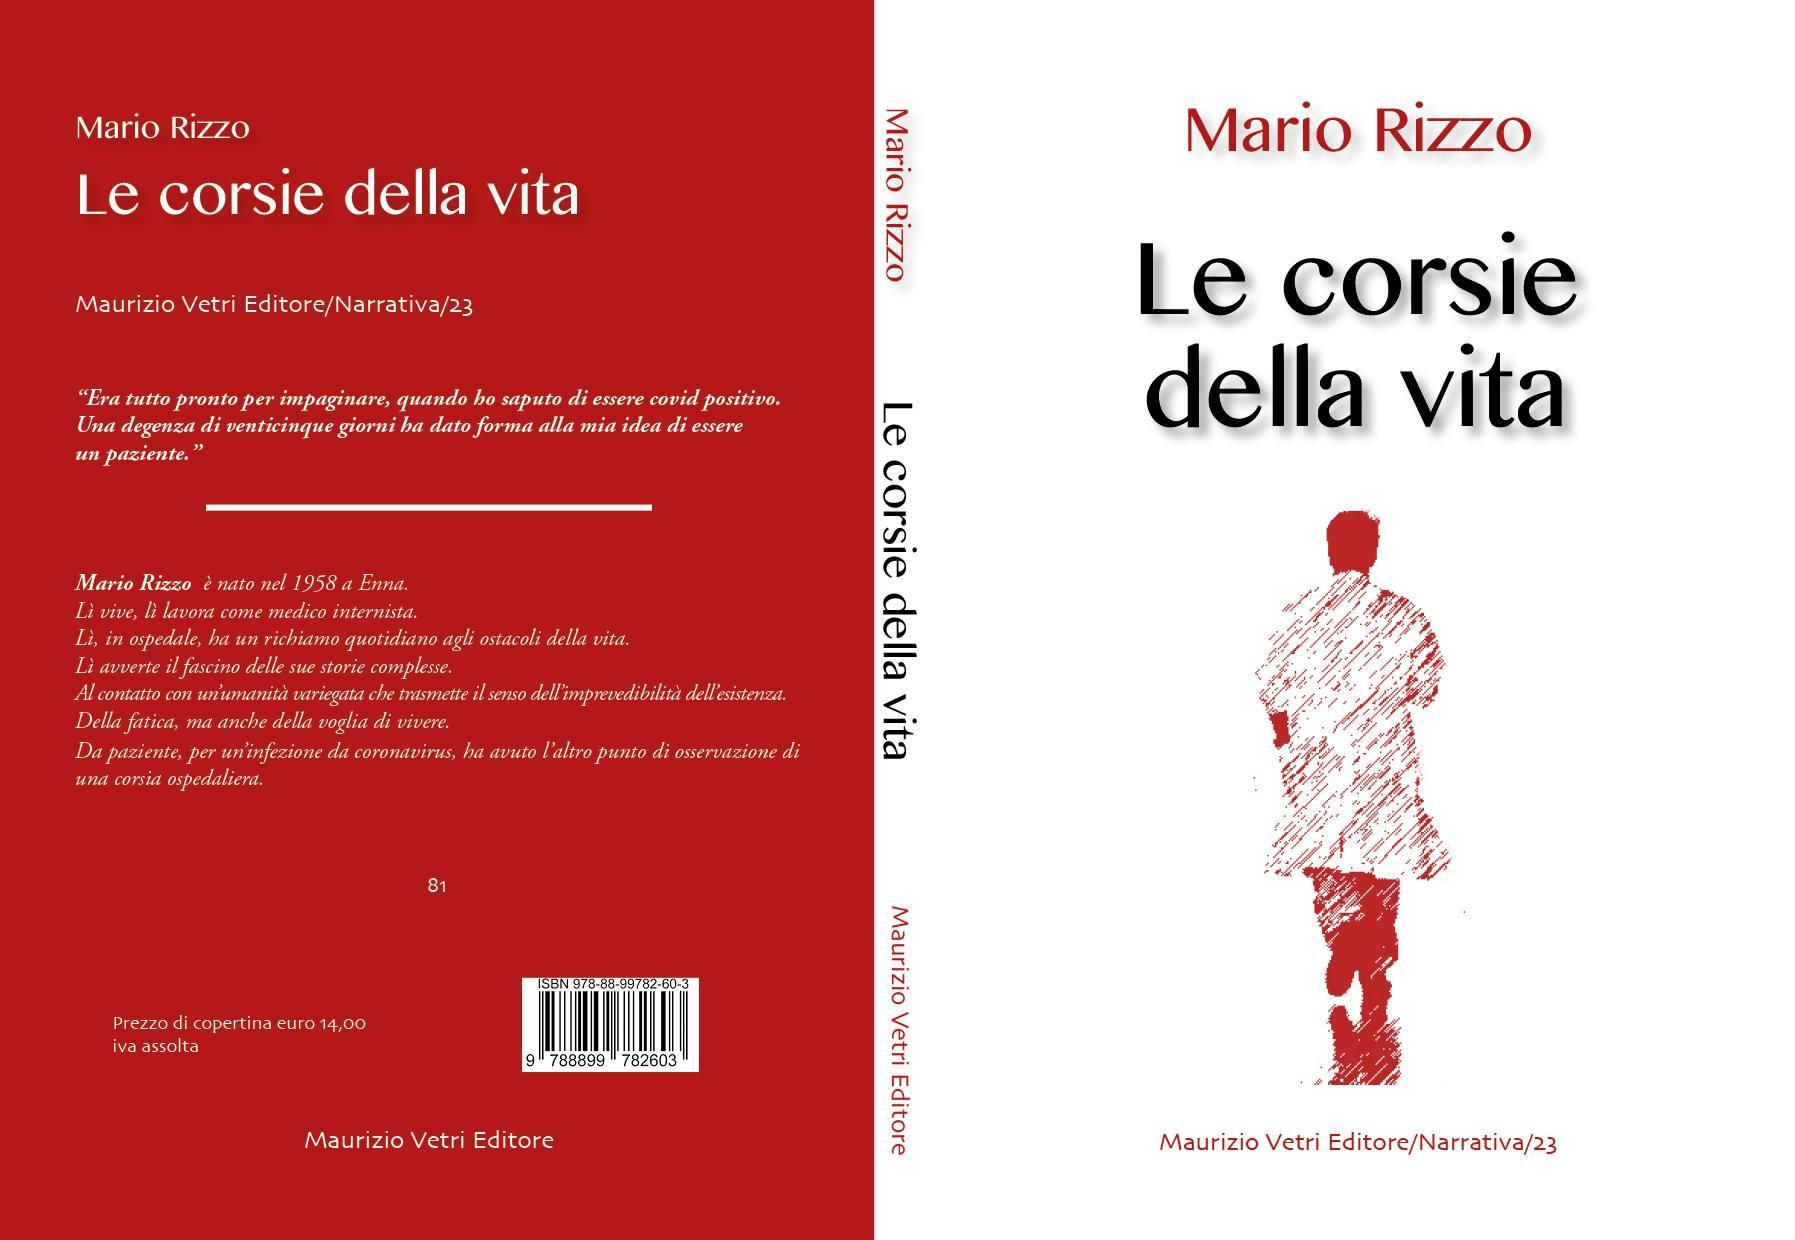 Maurizio Vetri Editore annucia l'uscita del libro di Mario Rizzo LE CORSIE DELLA VITA